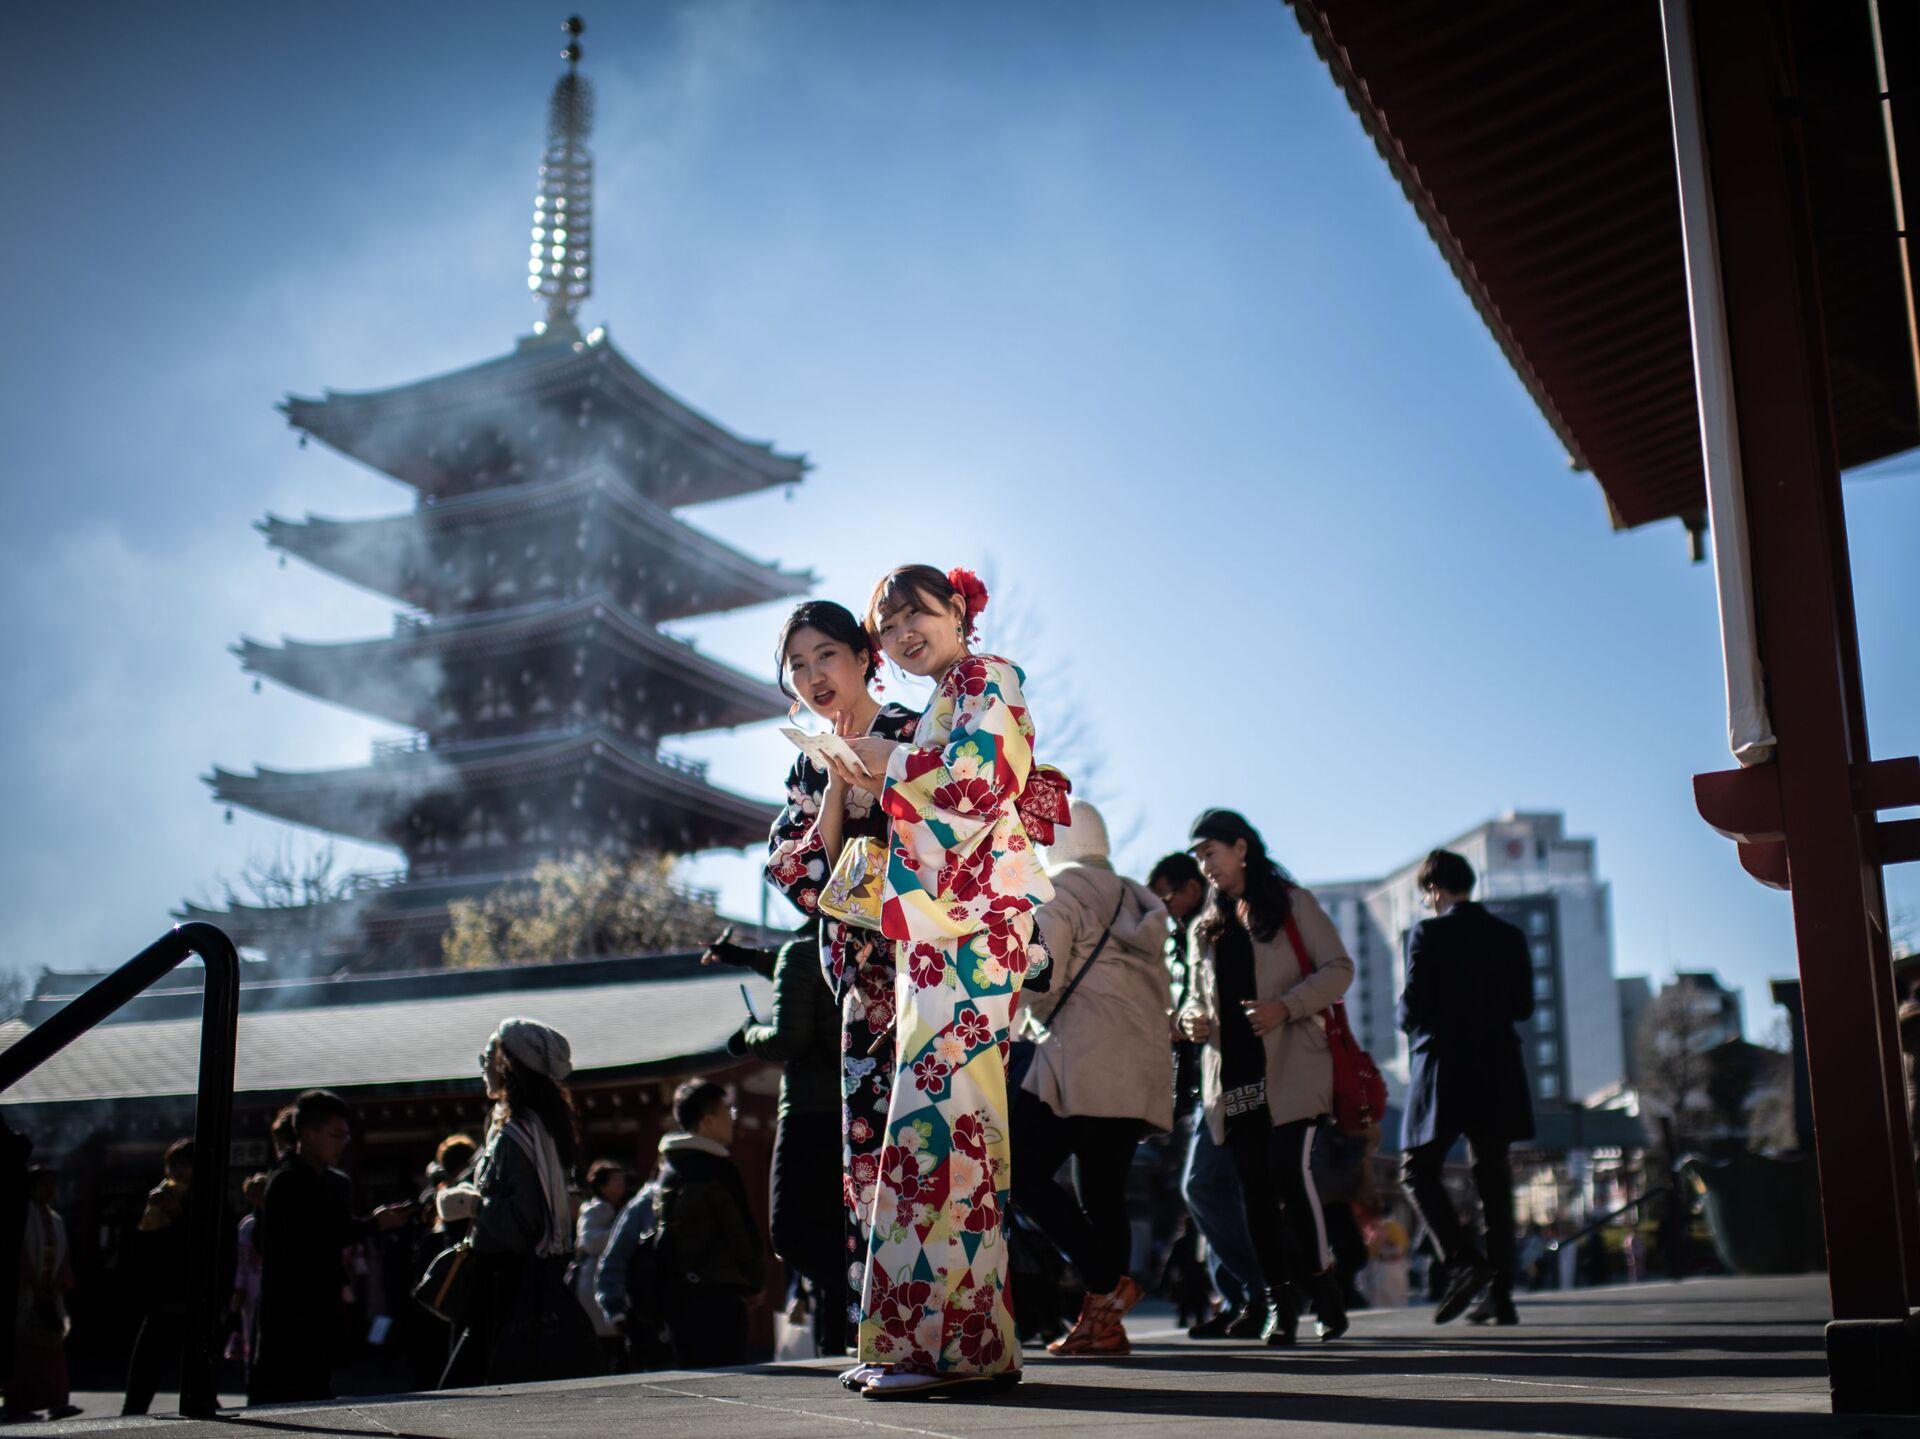 япония занимает 1 место в мире